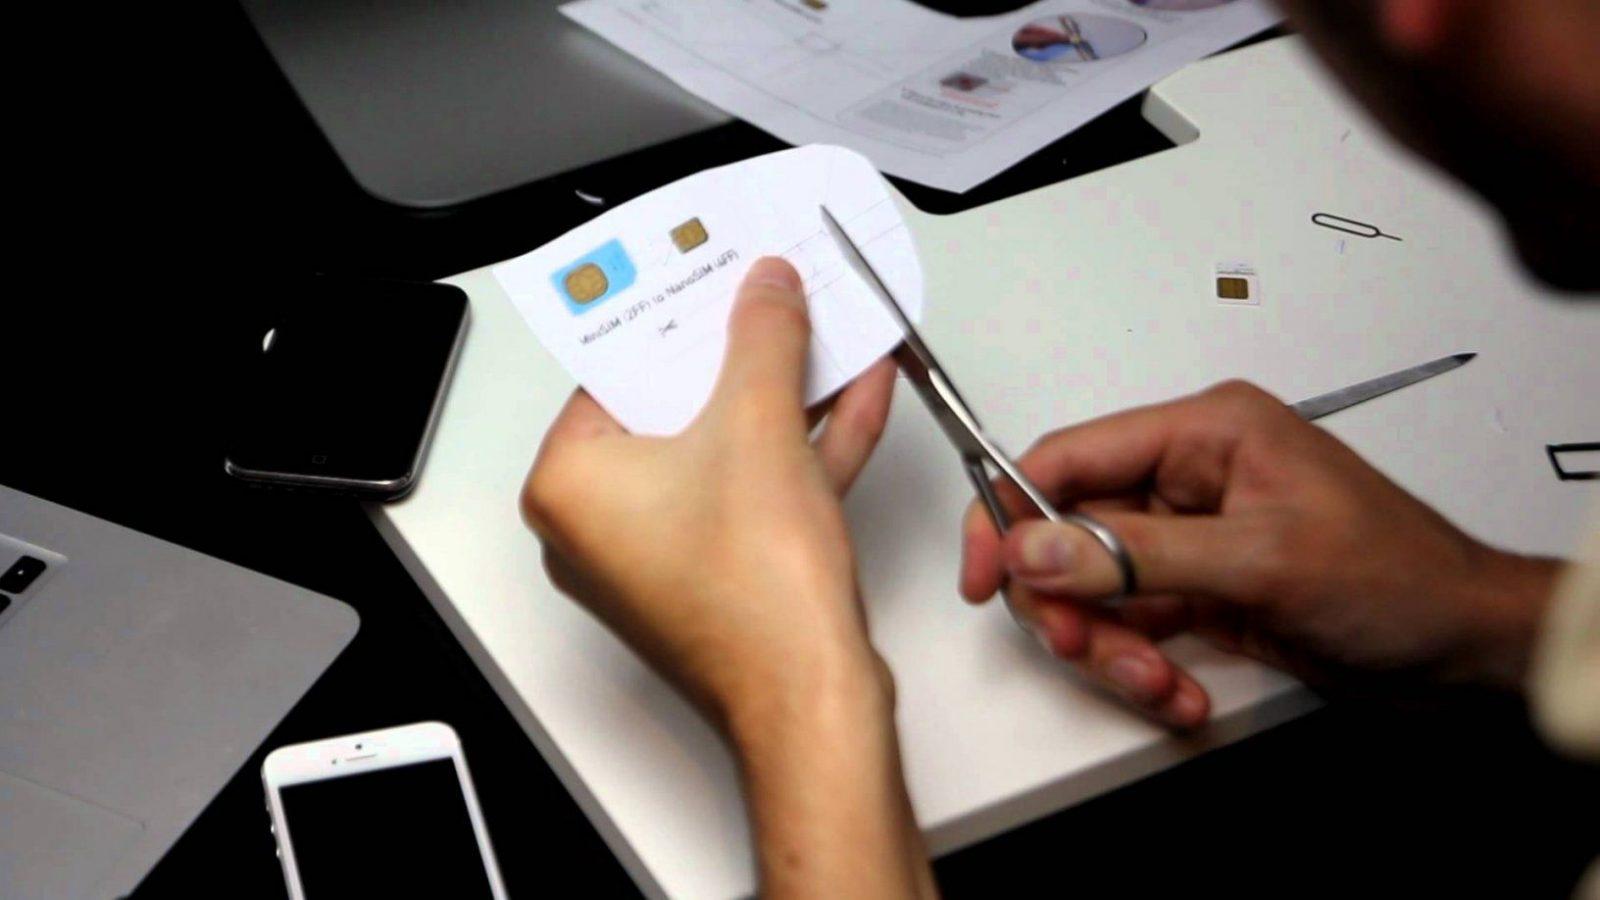 Nano Sim Tutorial  Selber Schneiden In 10 Minuten  Youtube von Nano Sim Zu Micro Sim Adapter Selber Bauen Bild